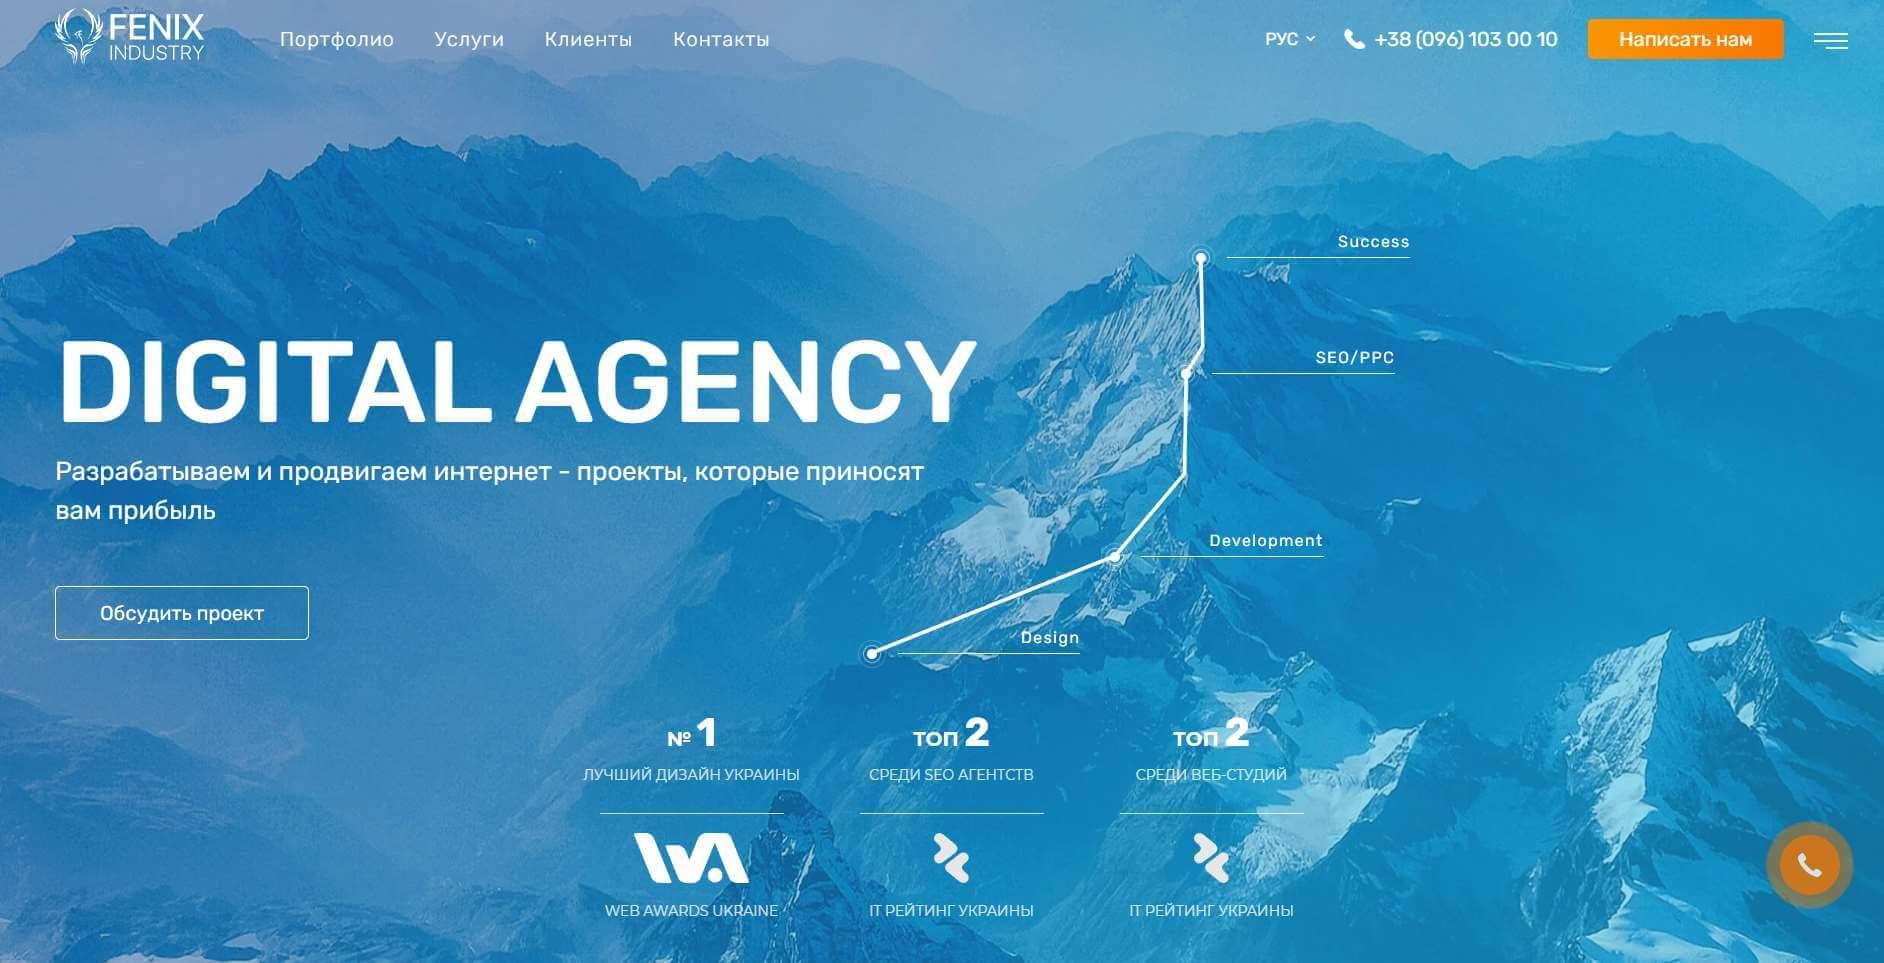 Феникс Индастри - обзор компании, услуги, отзывы, клиенты, Фото № 1 - google-seo.pro